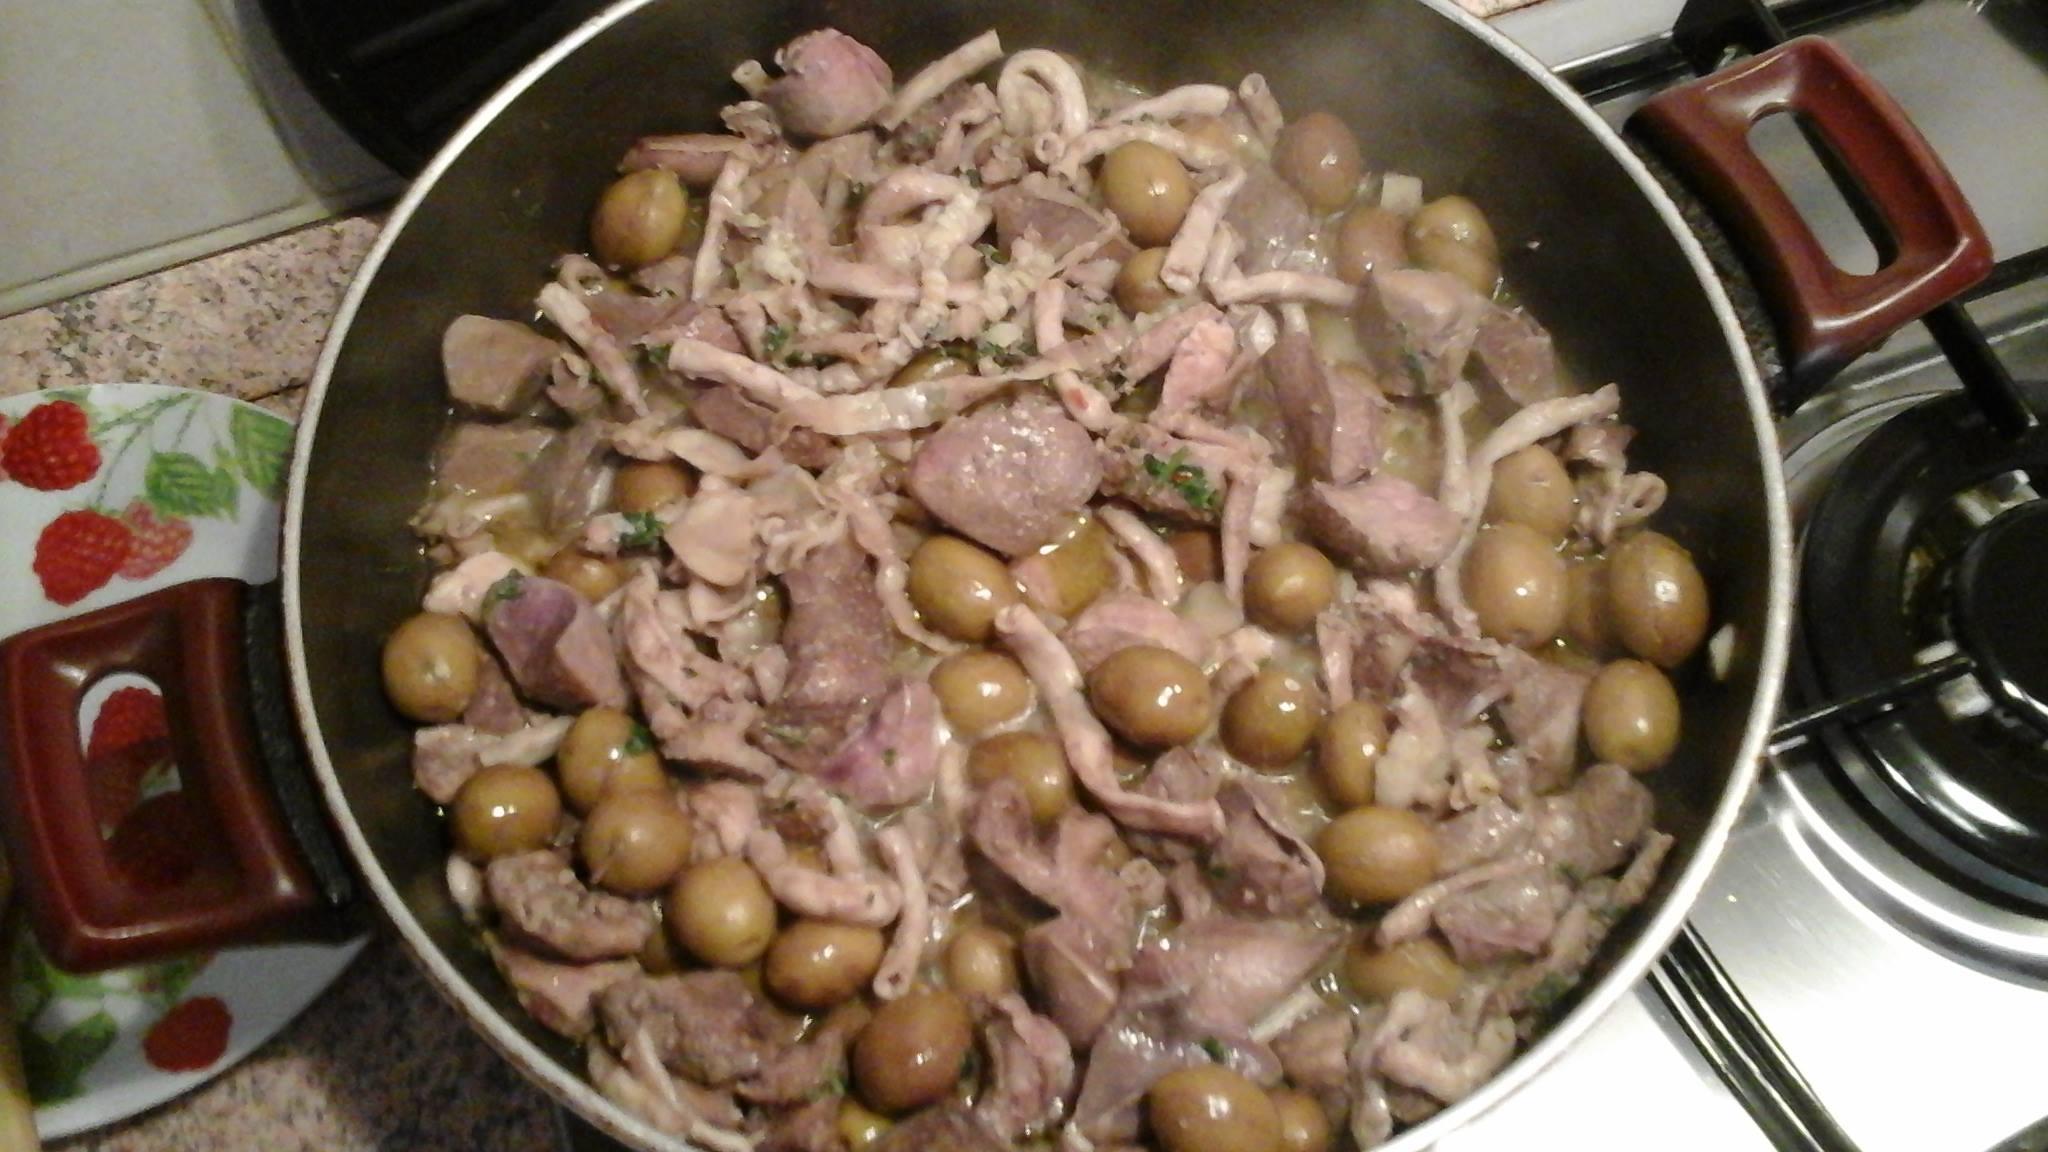 Coratella e olive sarde – Tattalliu e ariba a cunfettu